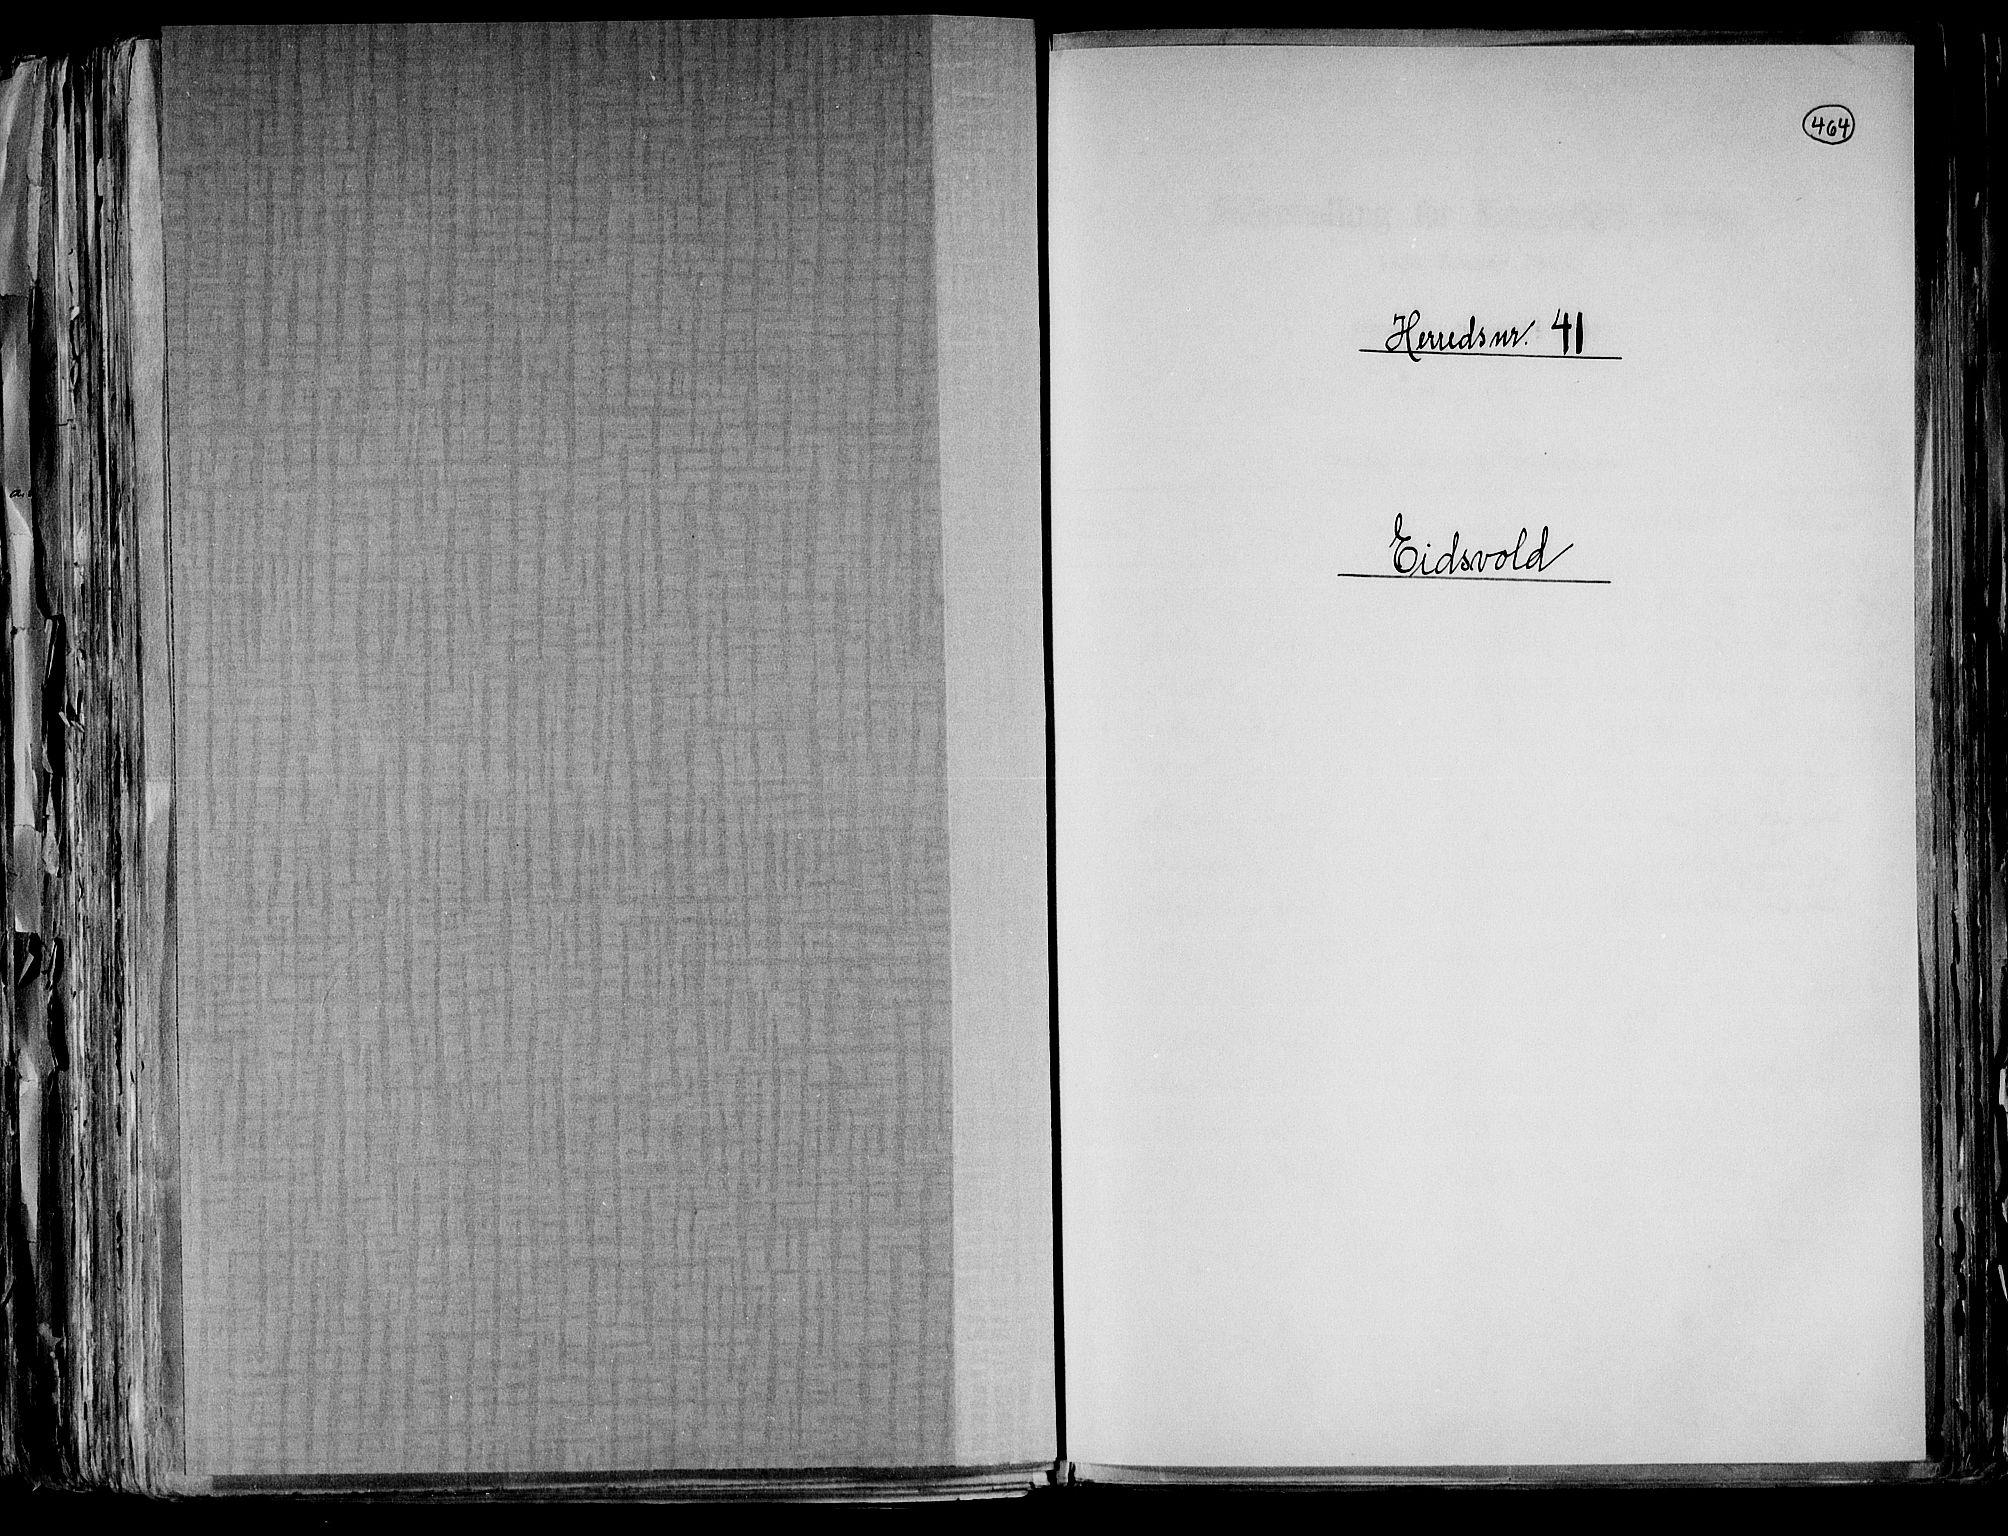 RA, Folketelling 1891 for 0237 Eidsvoll herred, 1891, s. 1